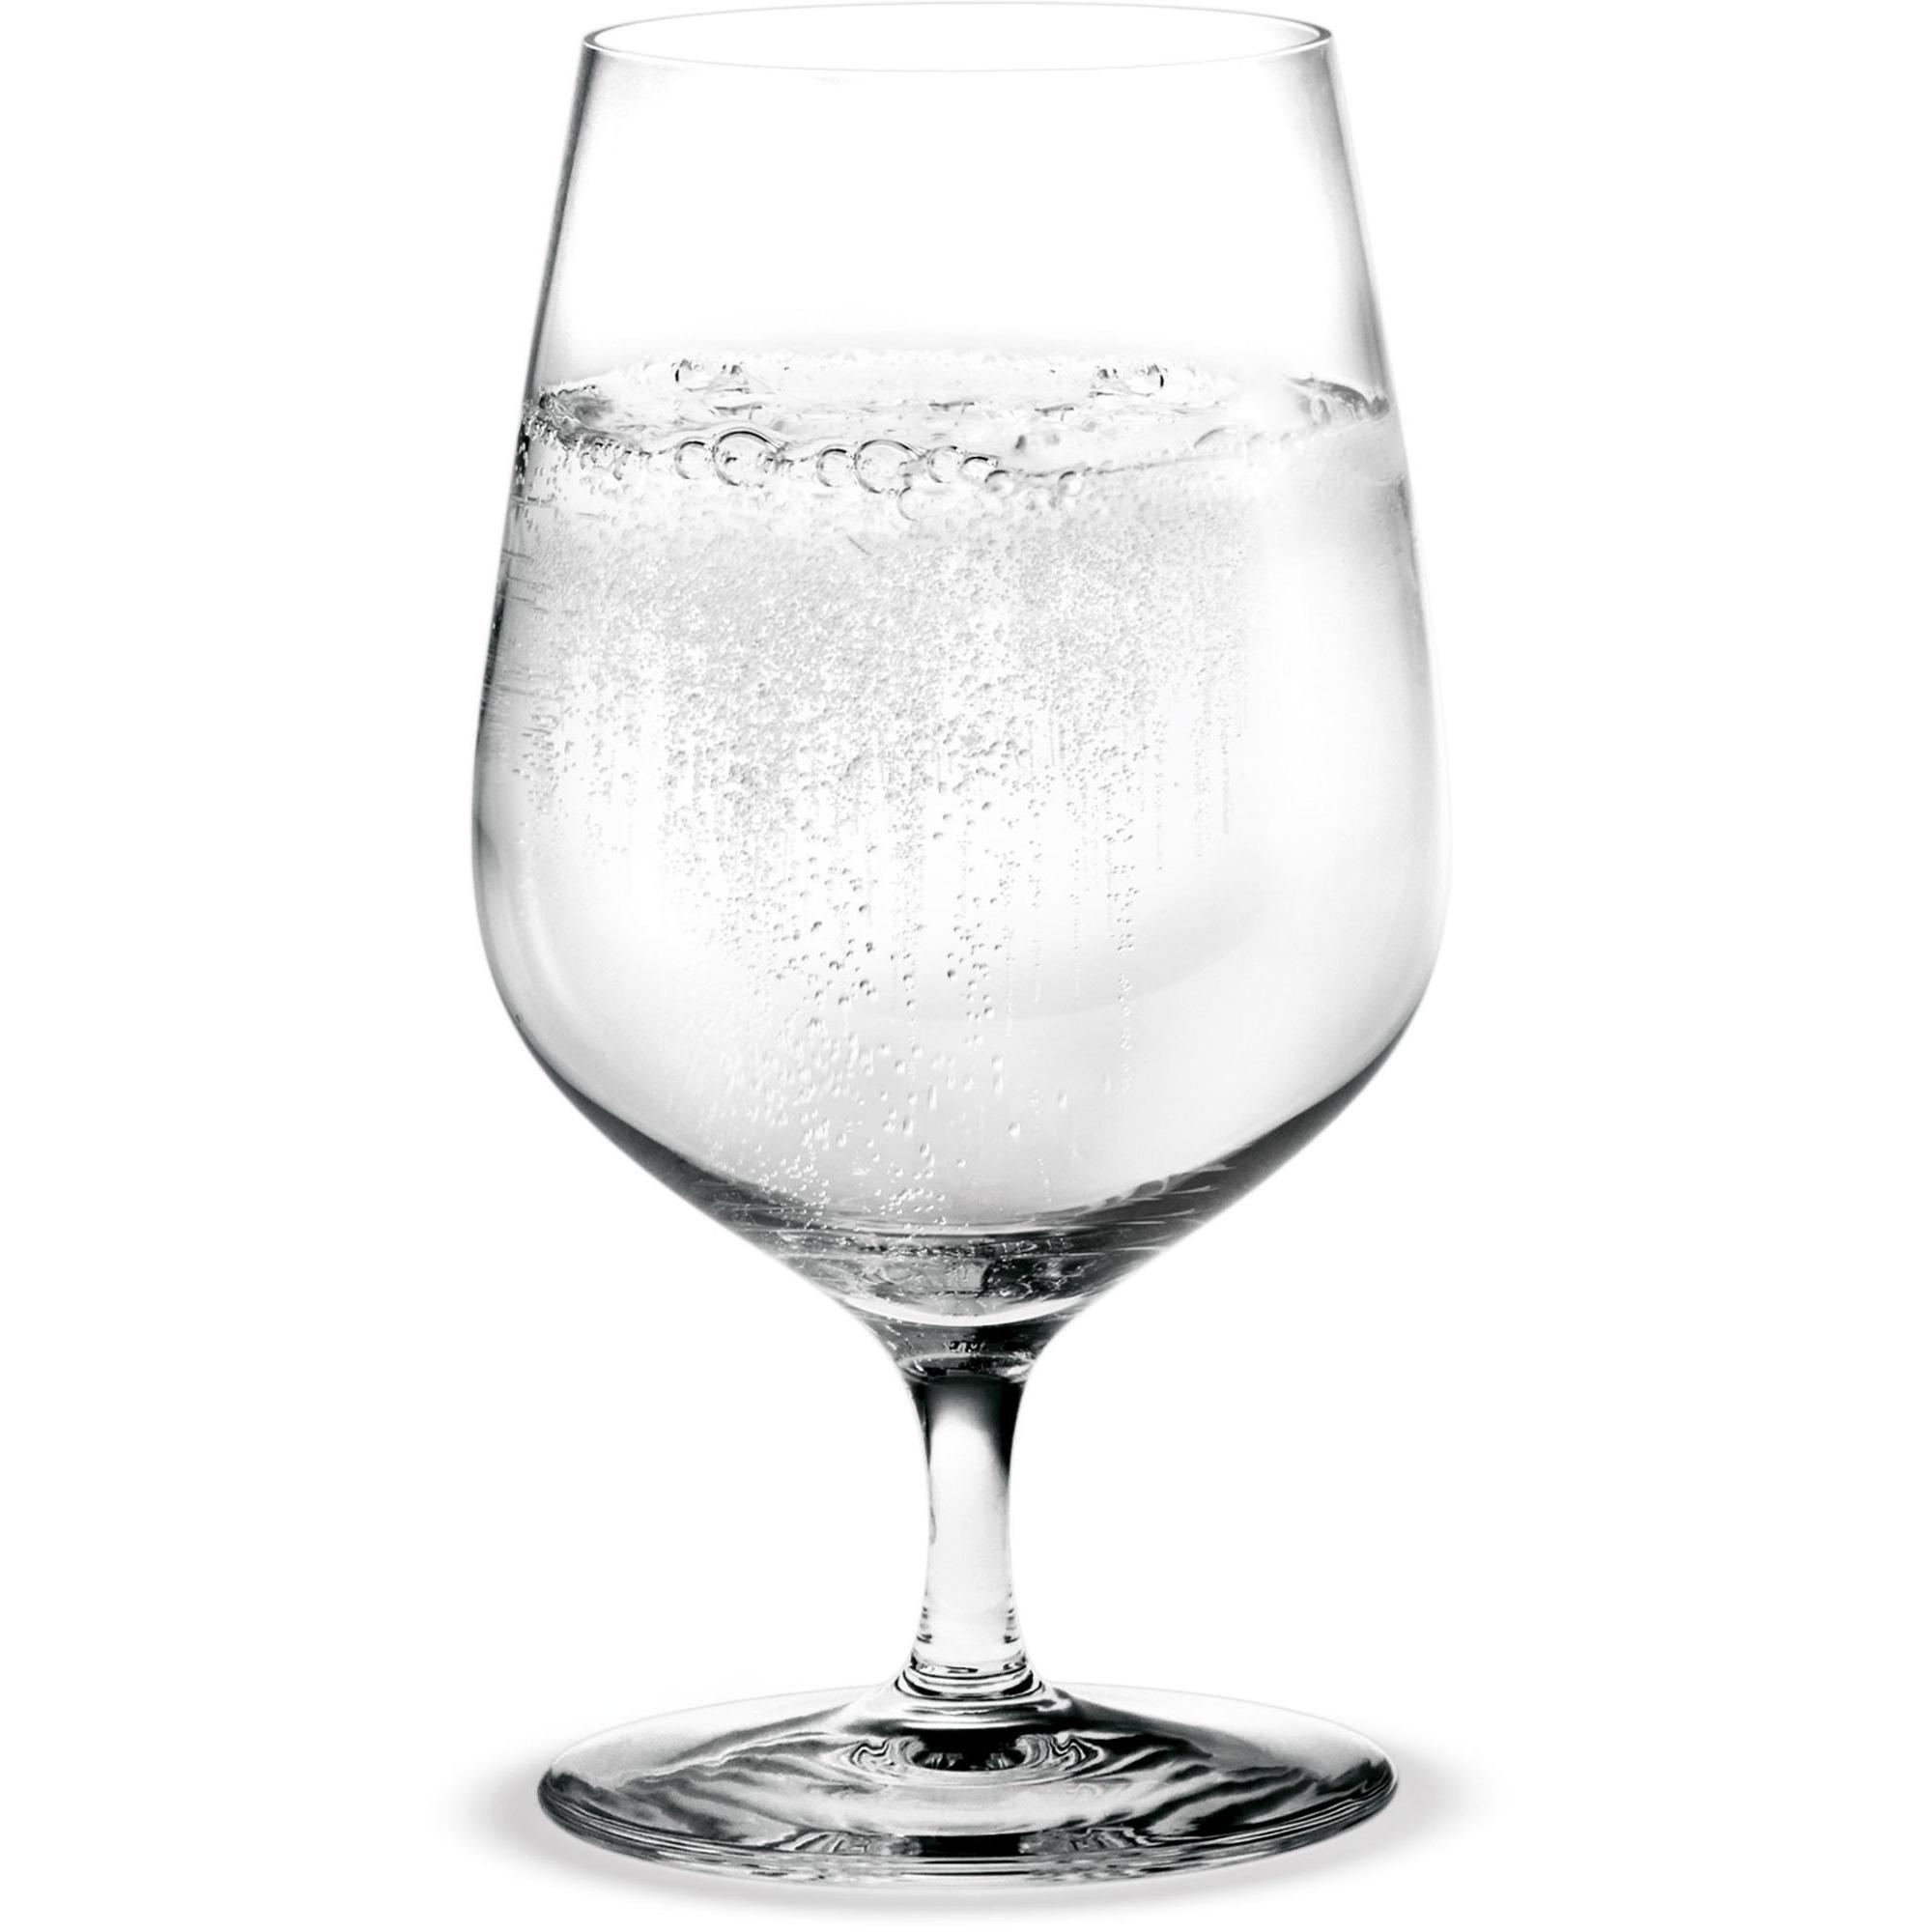 Holmegaard Cabernet vattenglas med stjälk